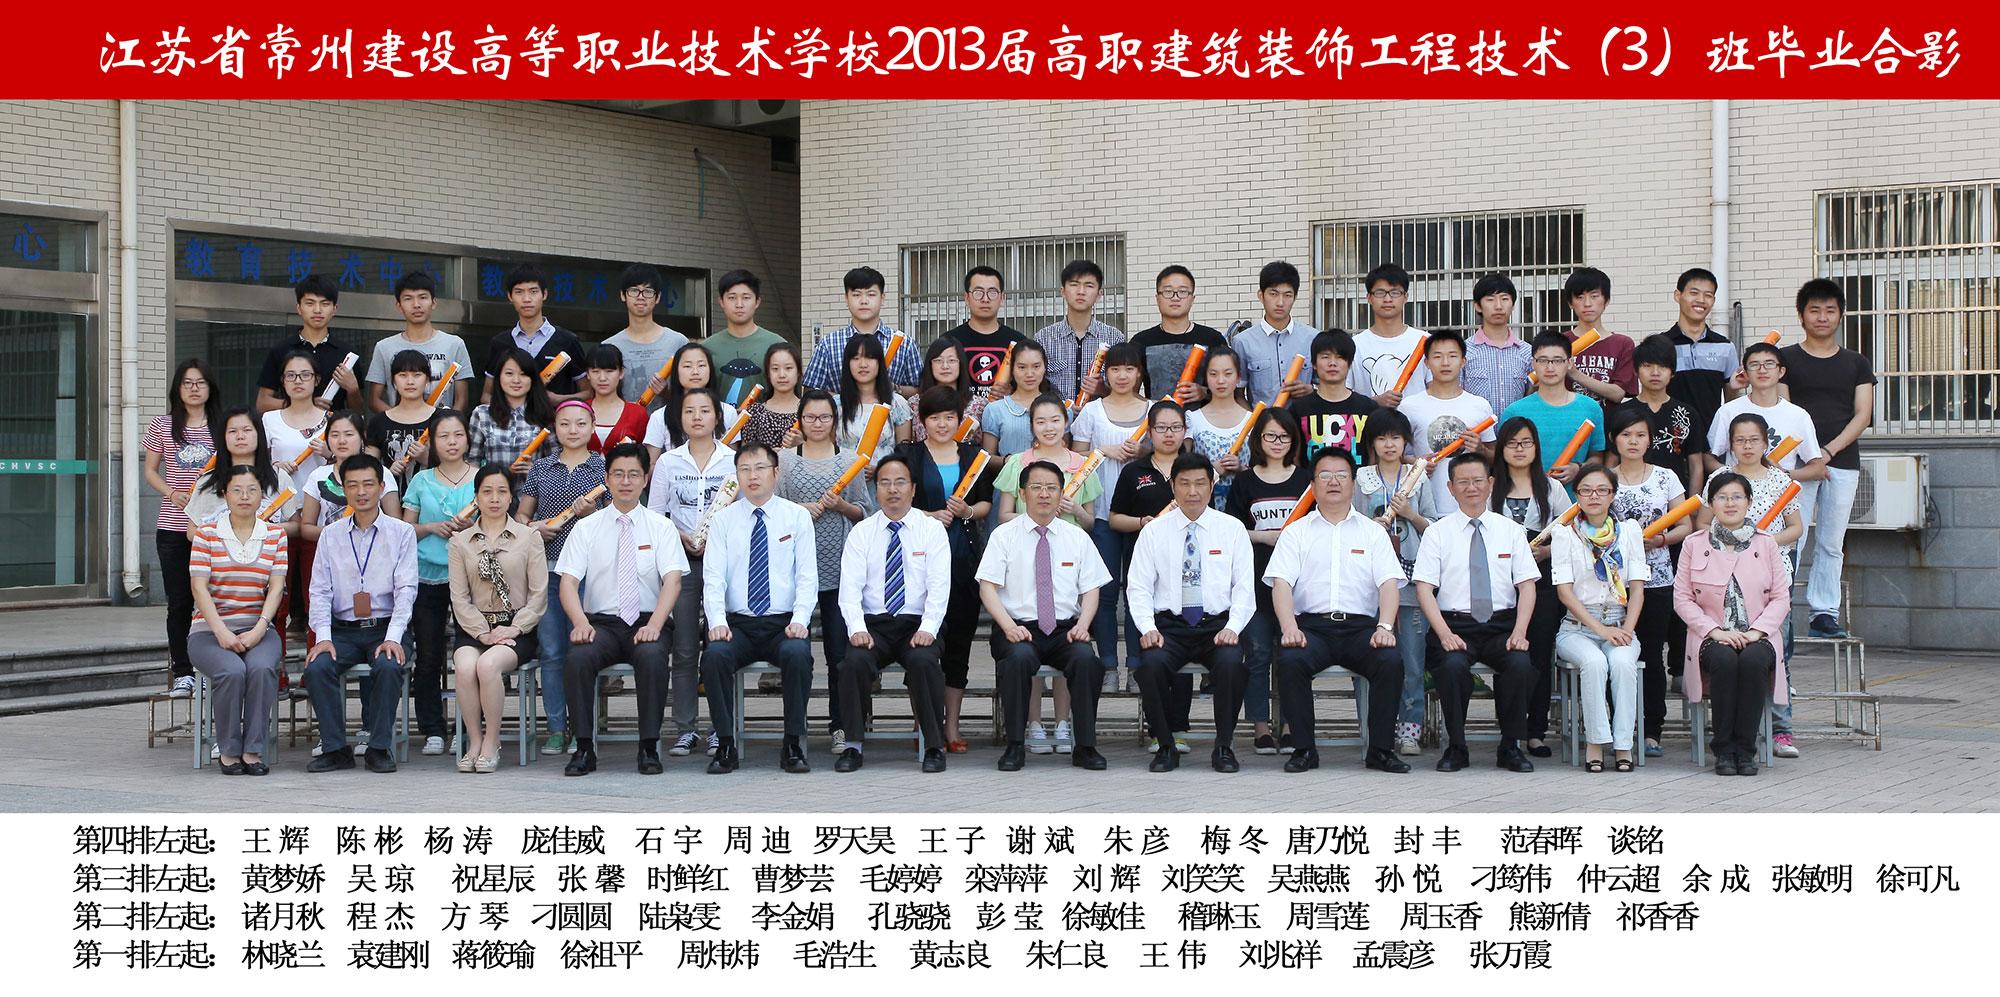 2013届高职建筑装饰工程技术(3)...